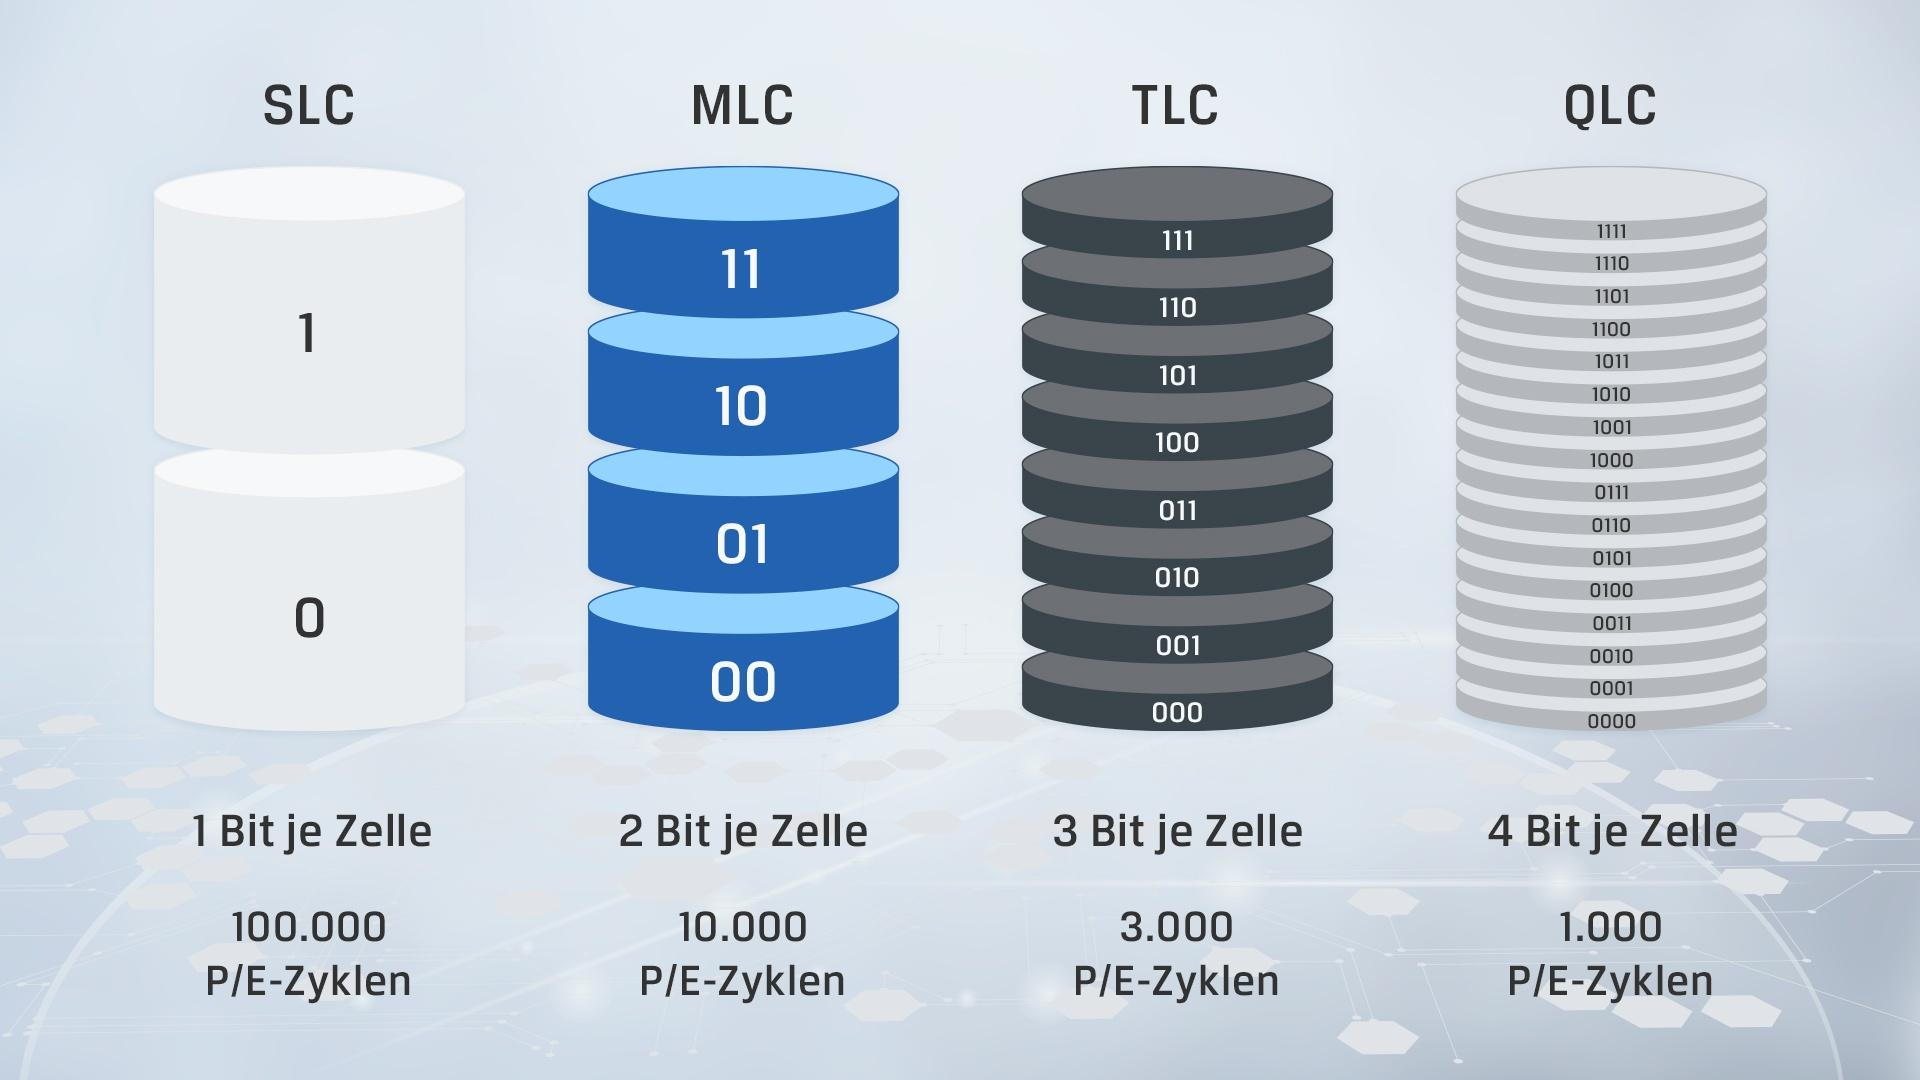 Eine Infografik mit den wichtigsten Unterschieden zwischen den verschiedenen NAND-Typen